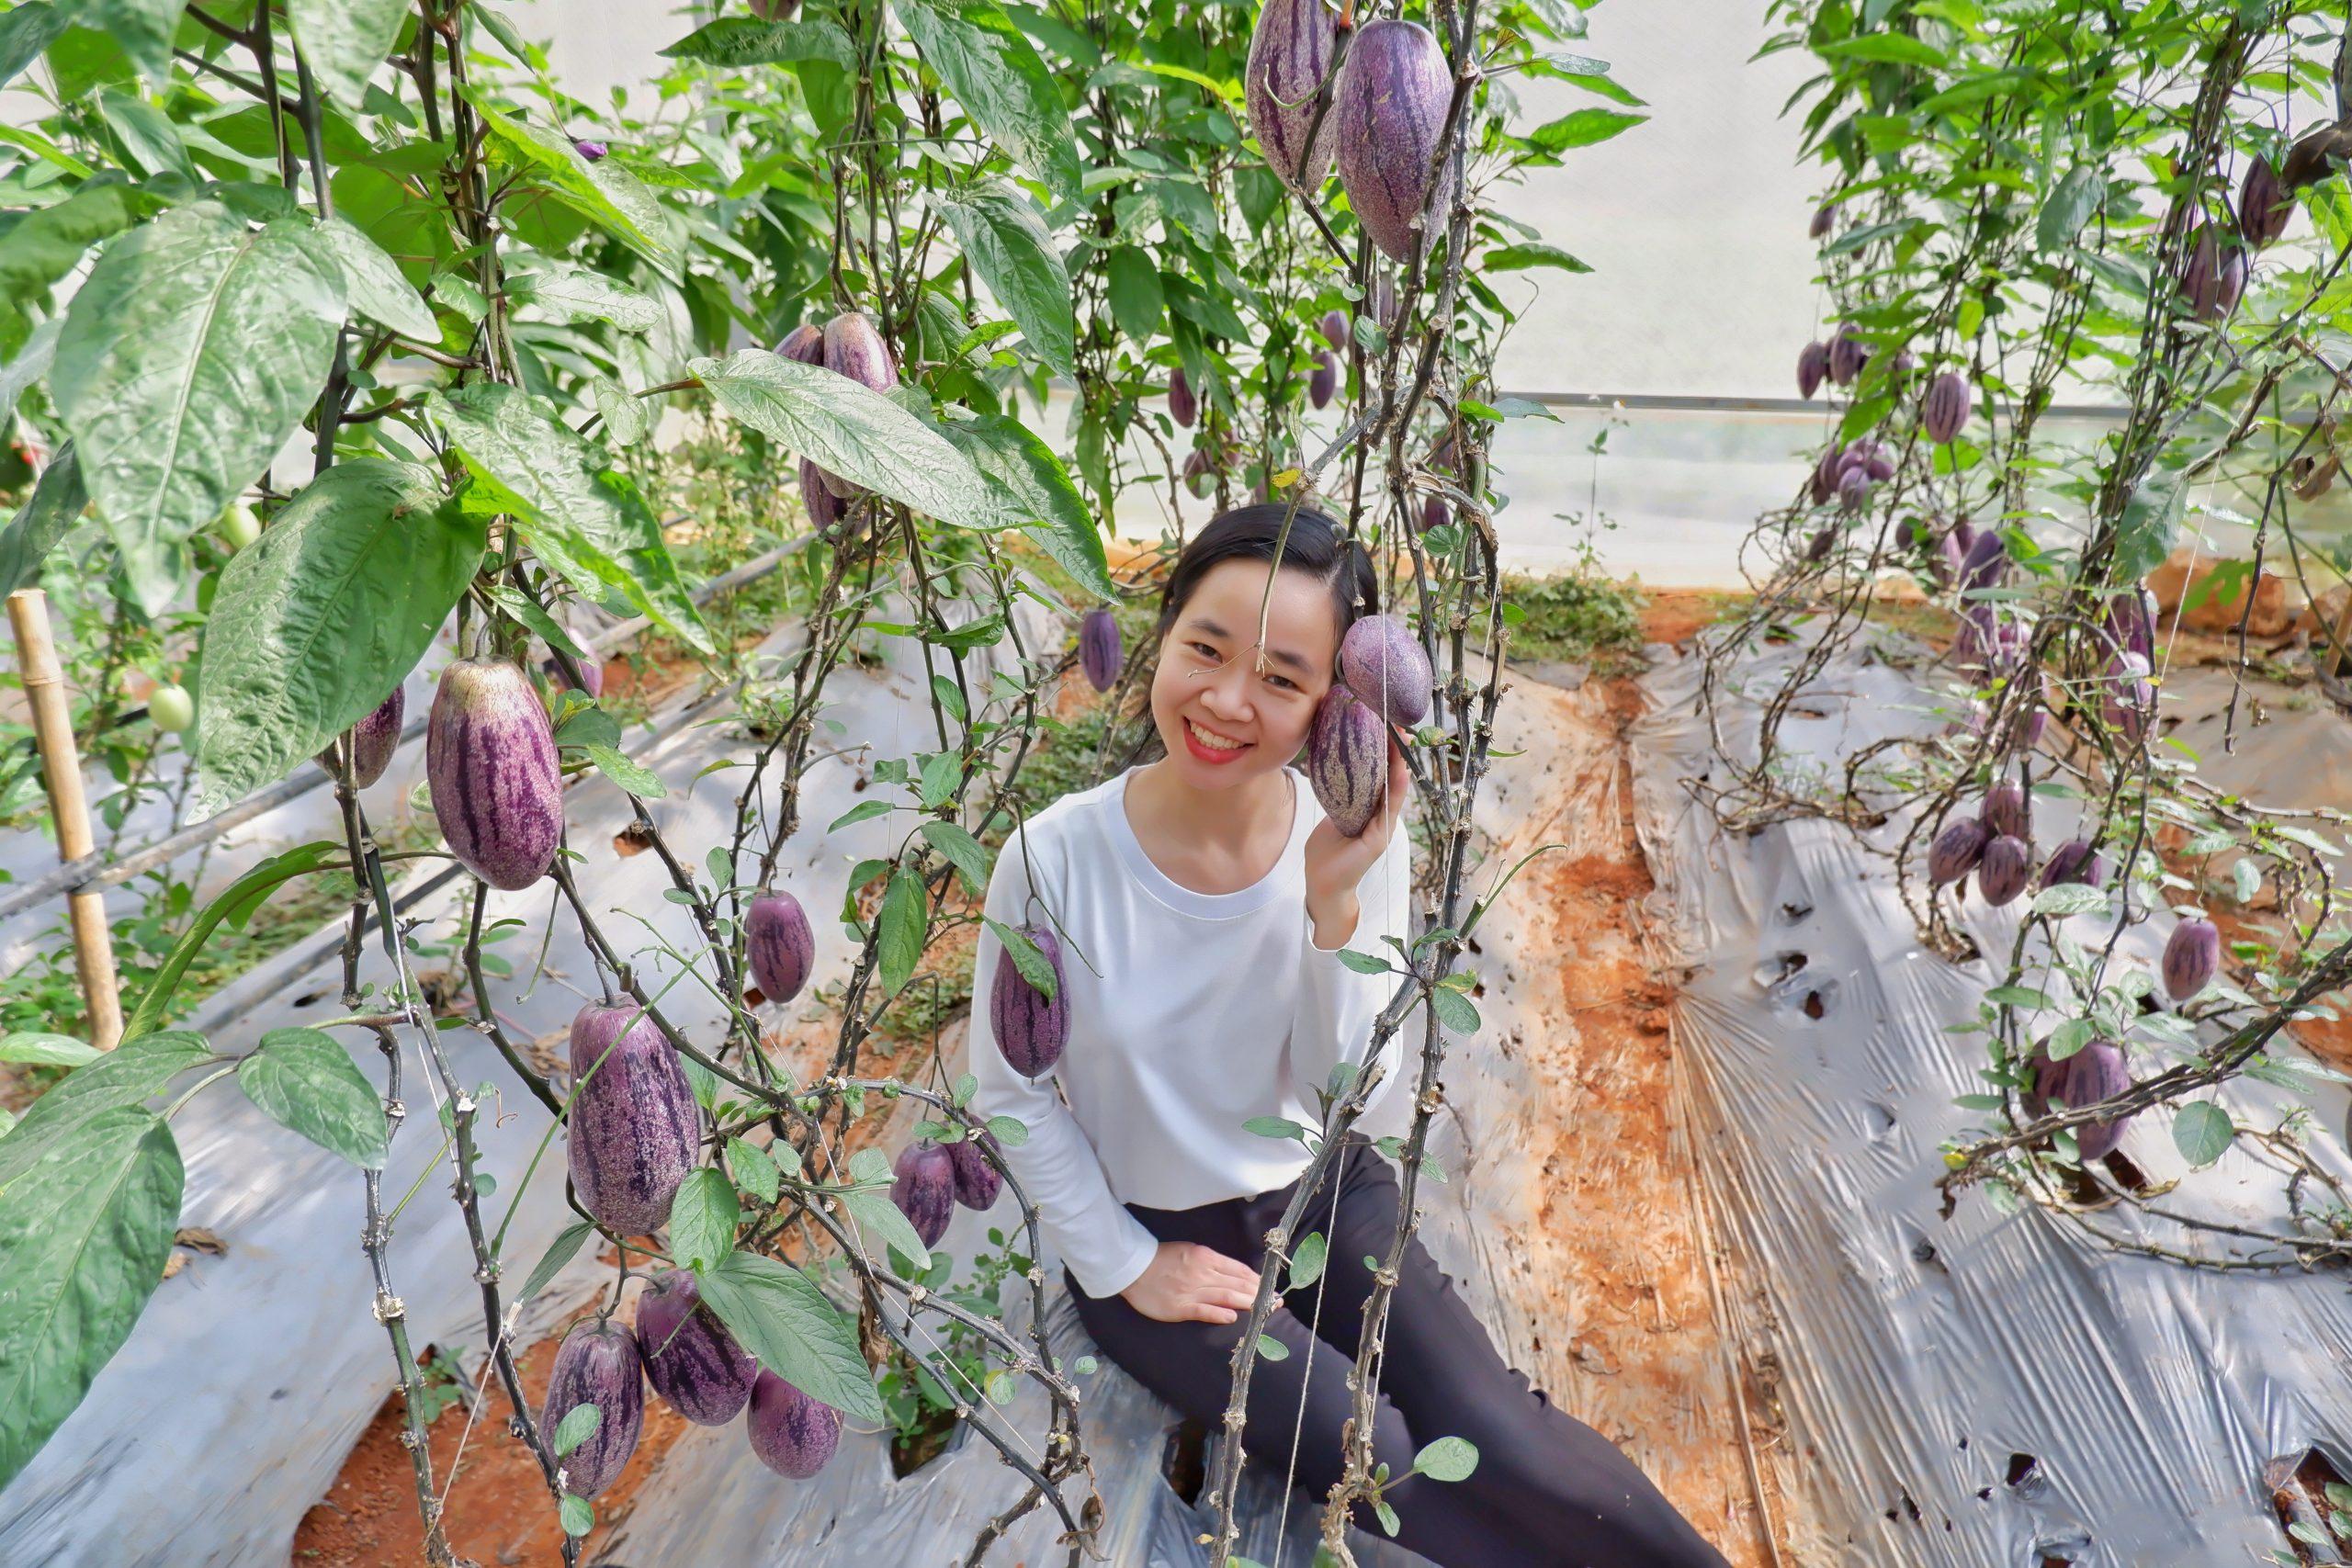 Trải nghiệm thu hoạch dưa pepino ngay tại vườn